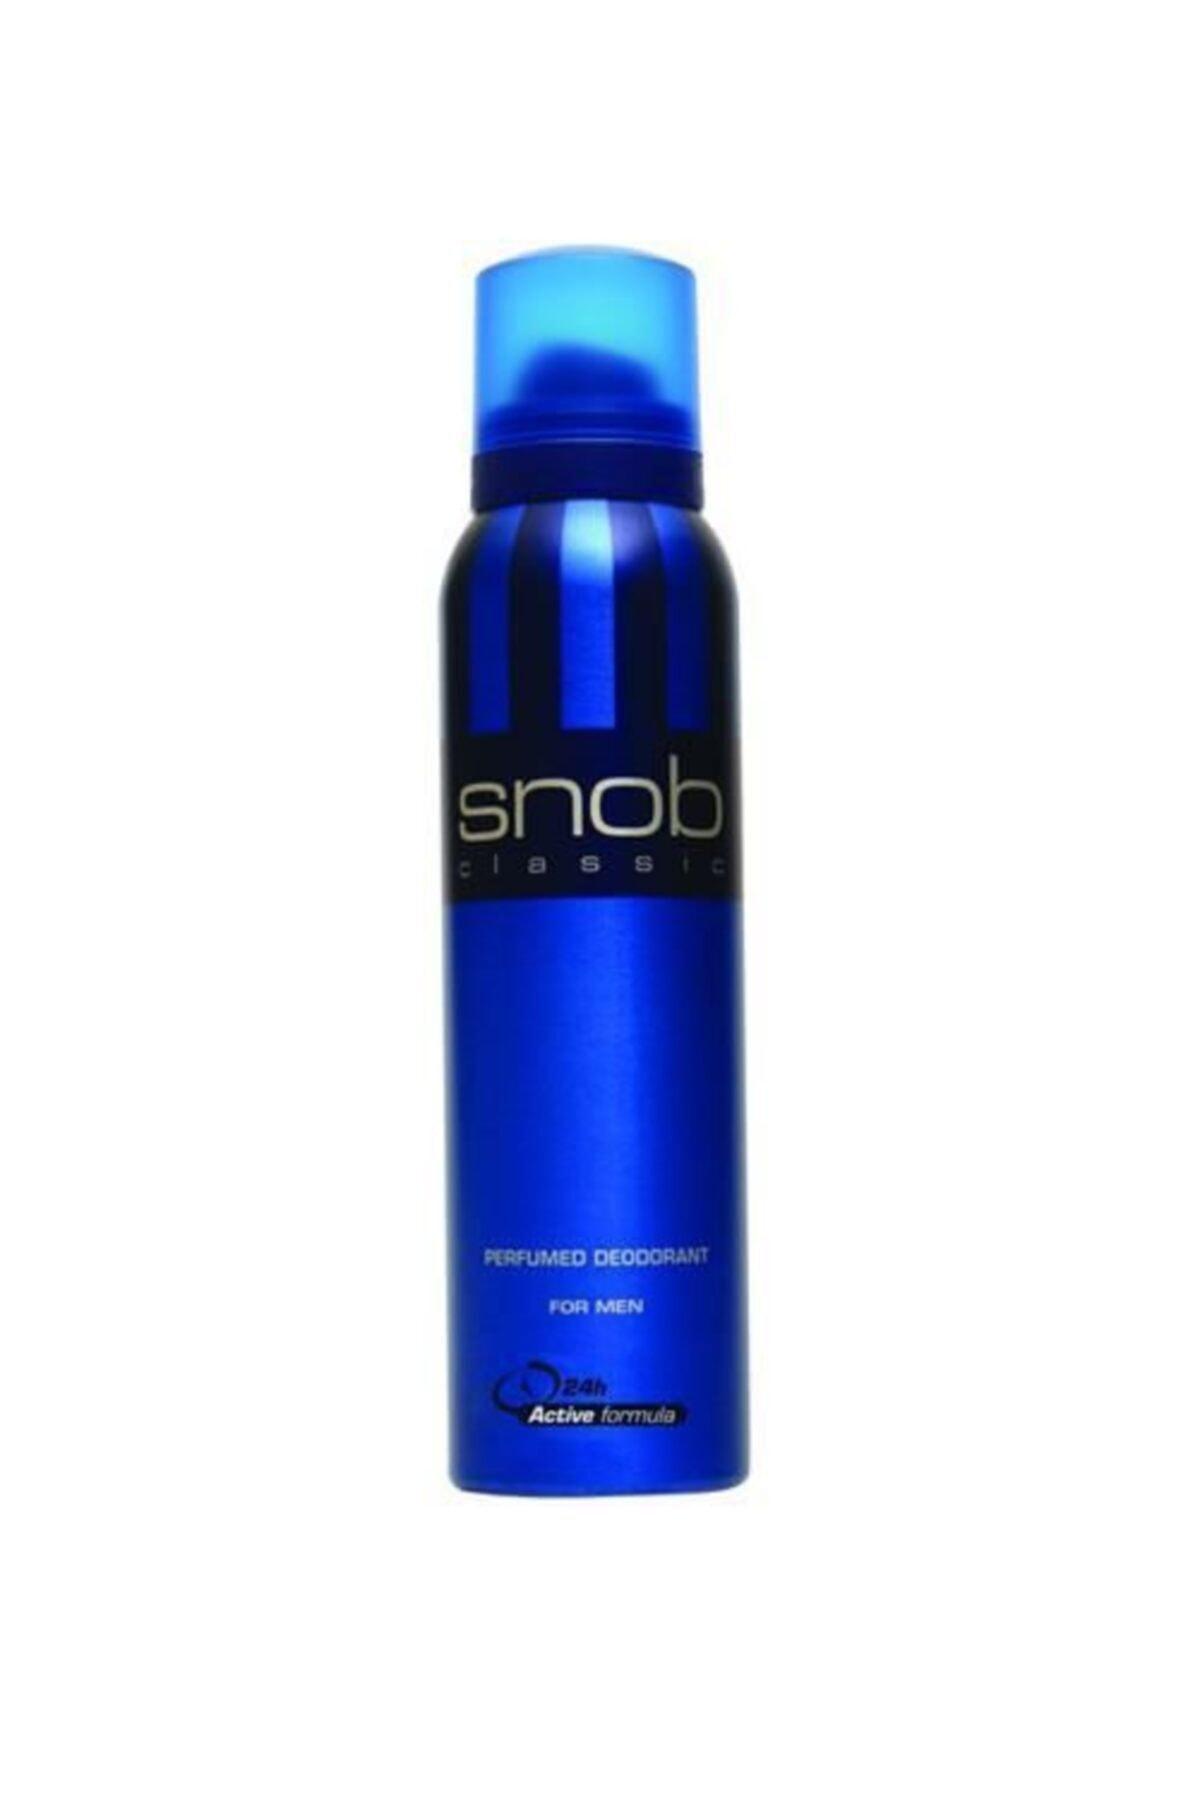 Snob Classic Erkek Deodorant 150 Ml 1